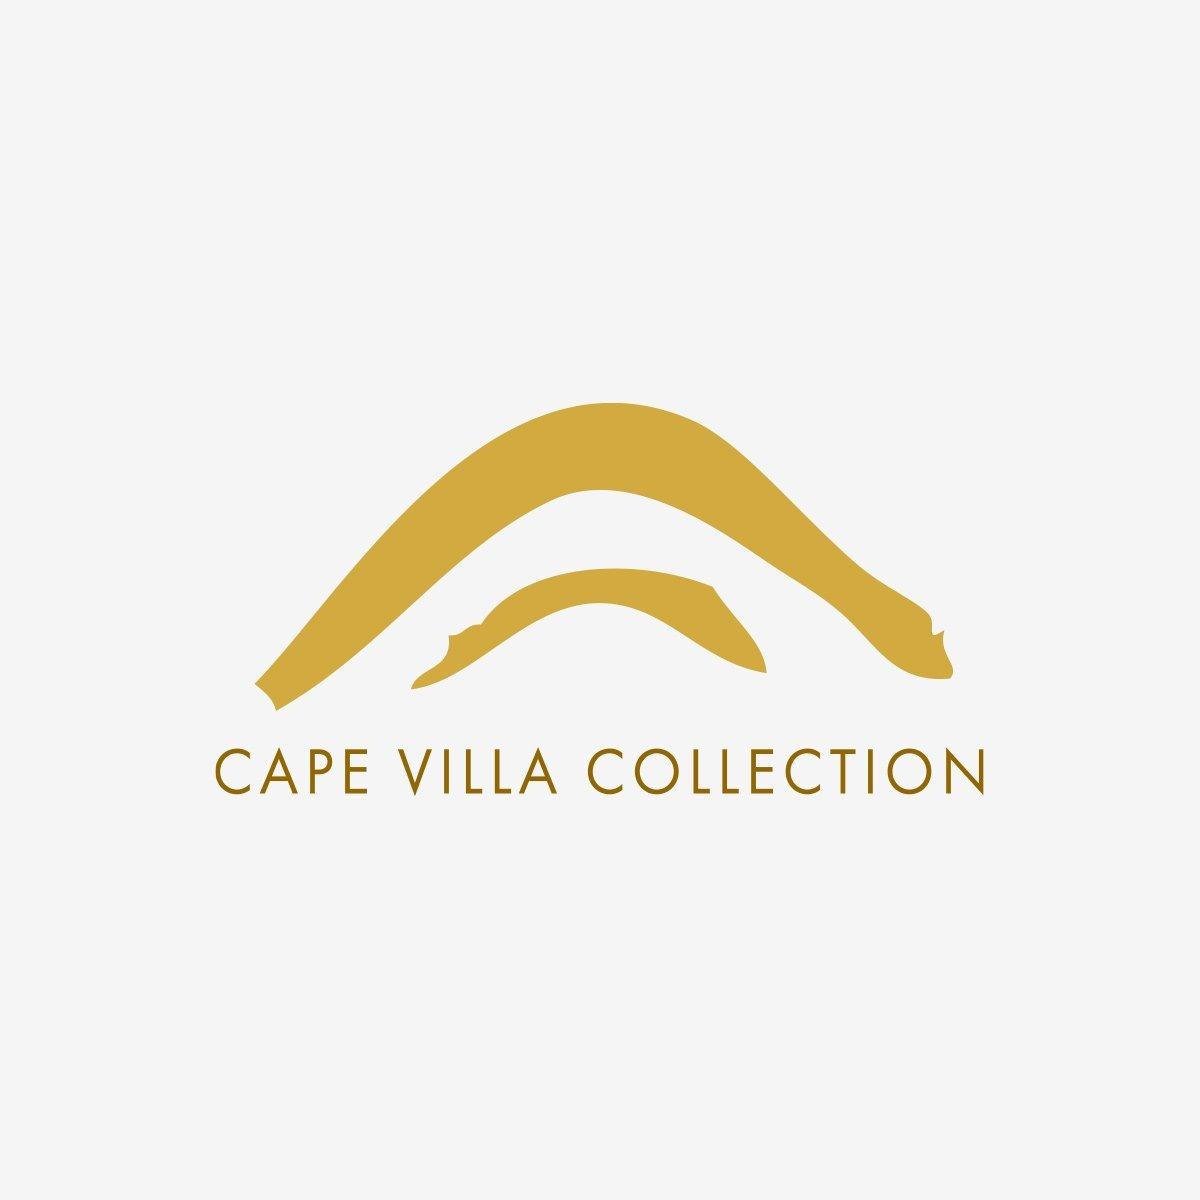 Cape Villa Collection Logo